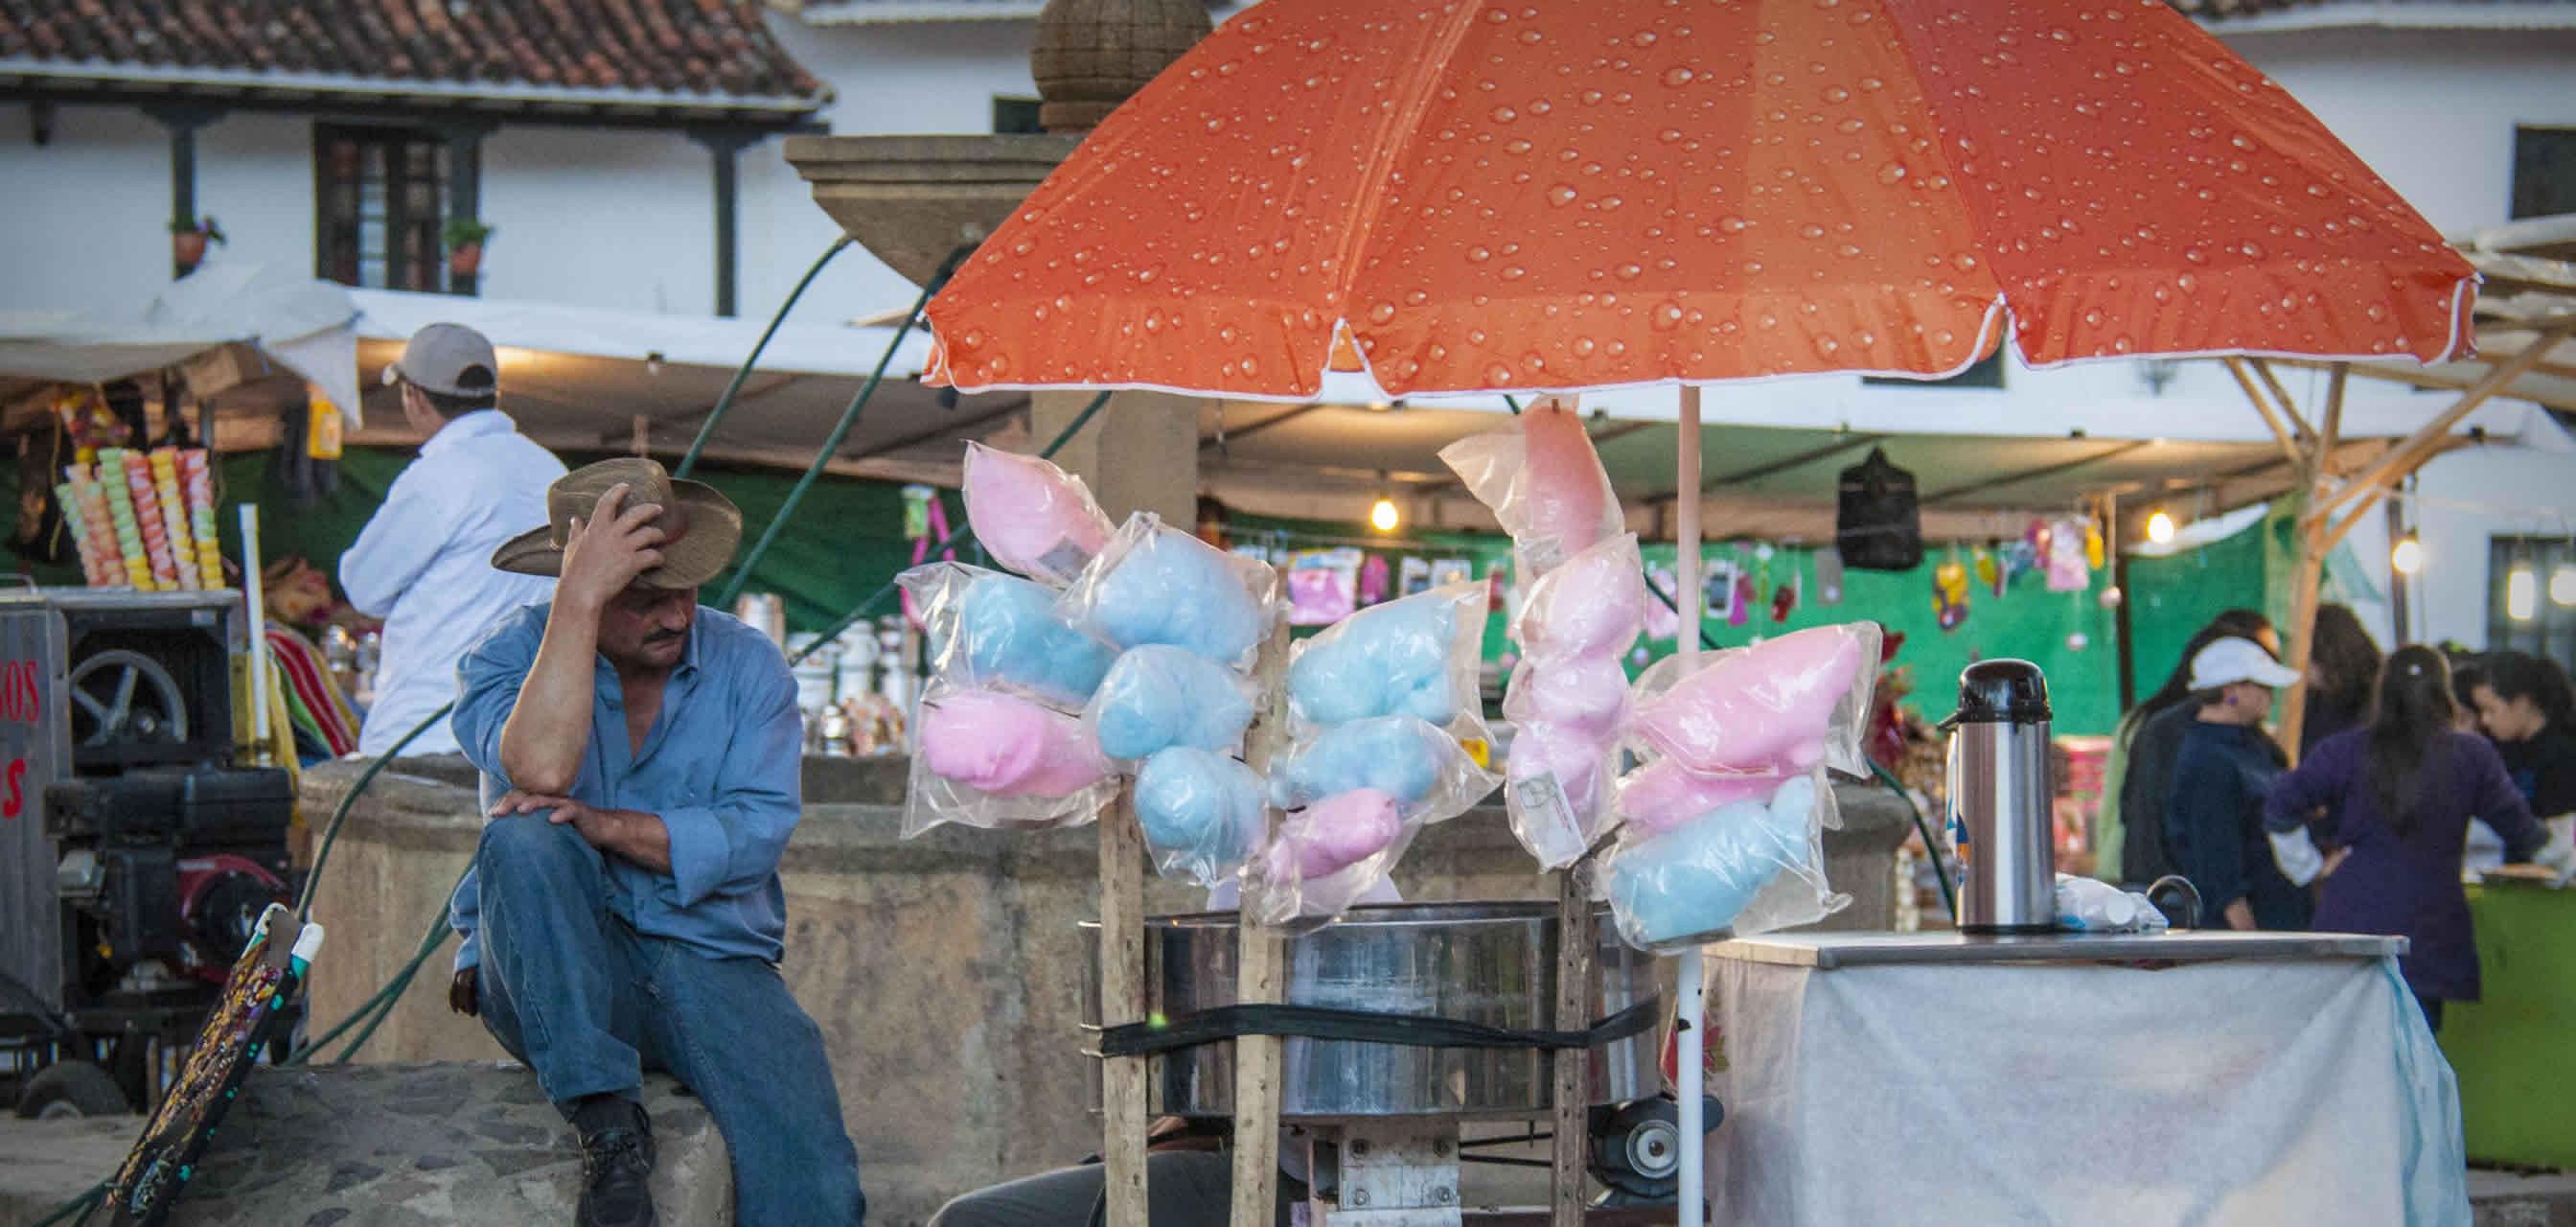 Ferias y fiestas de la virgen del carmen en Villa de Leyva 2016